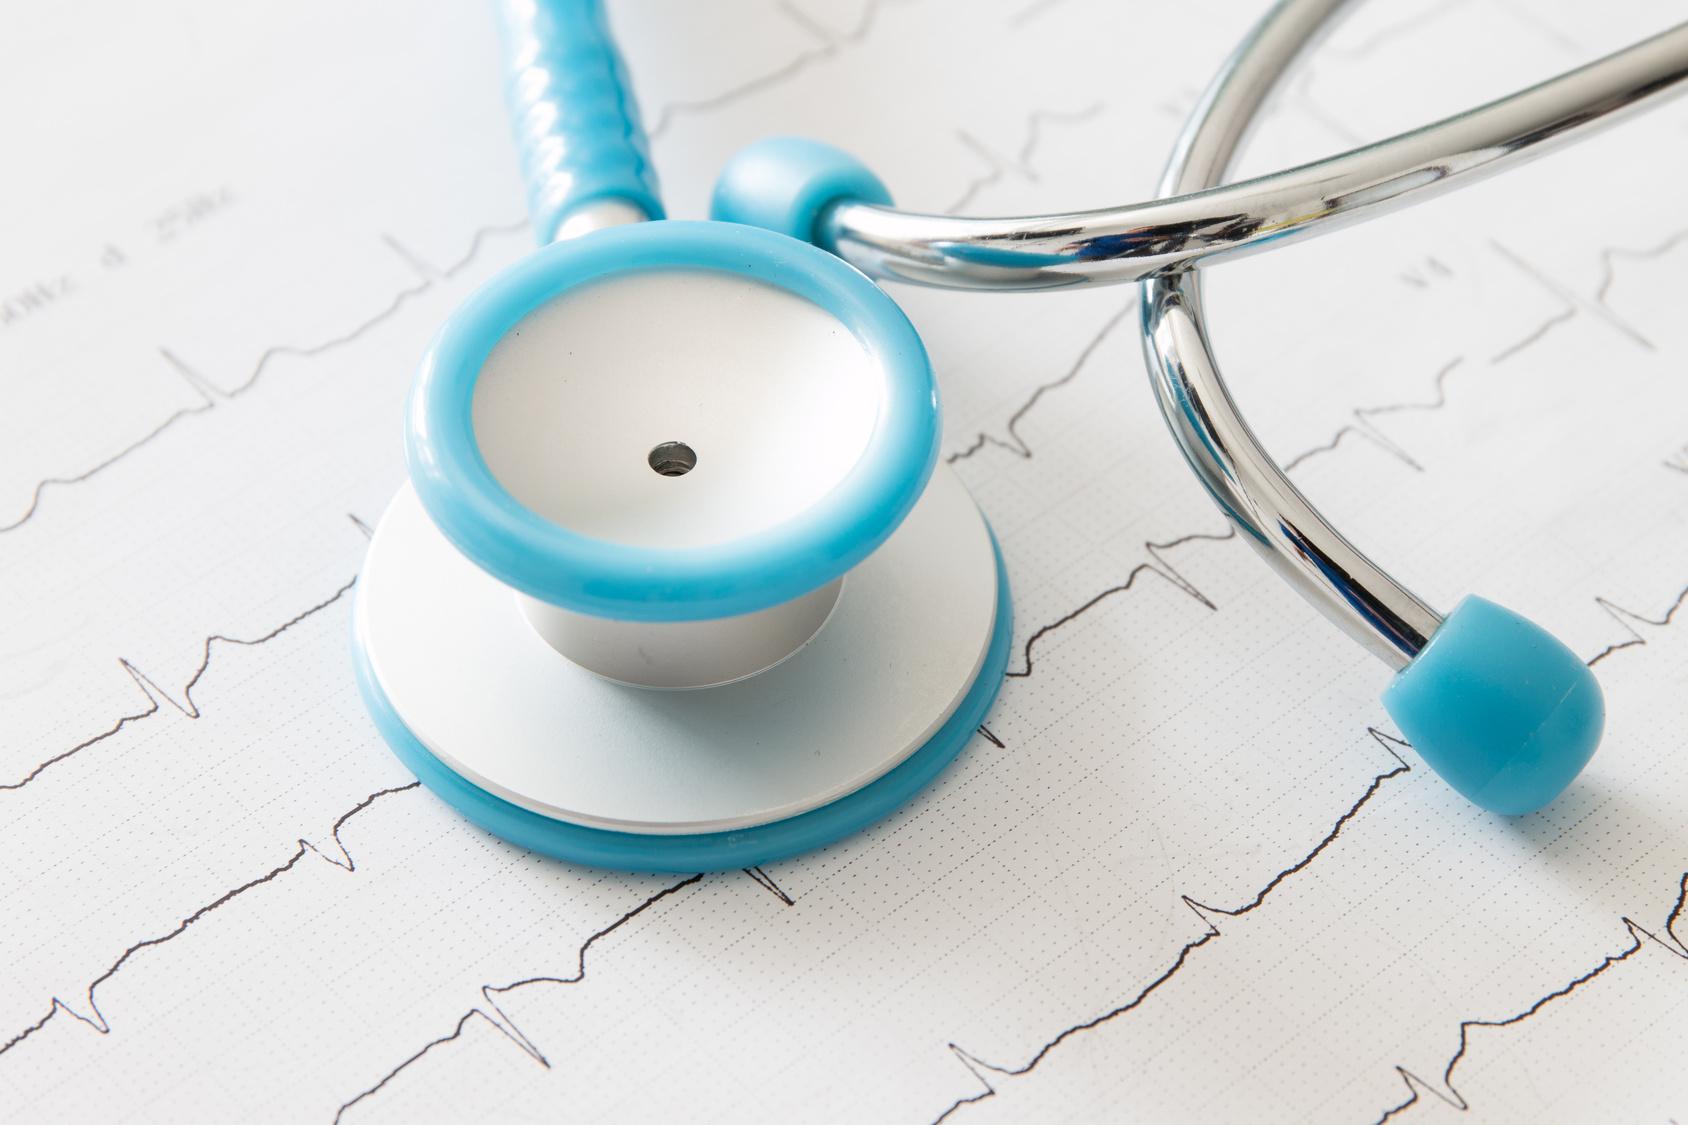 """心臓の電気信号が伝わらない""""房室ブロック""""という不整脈とは"""